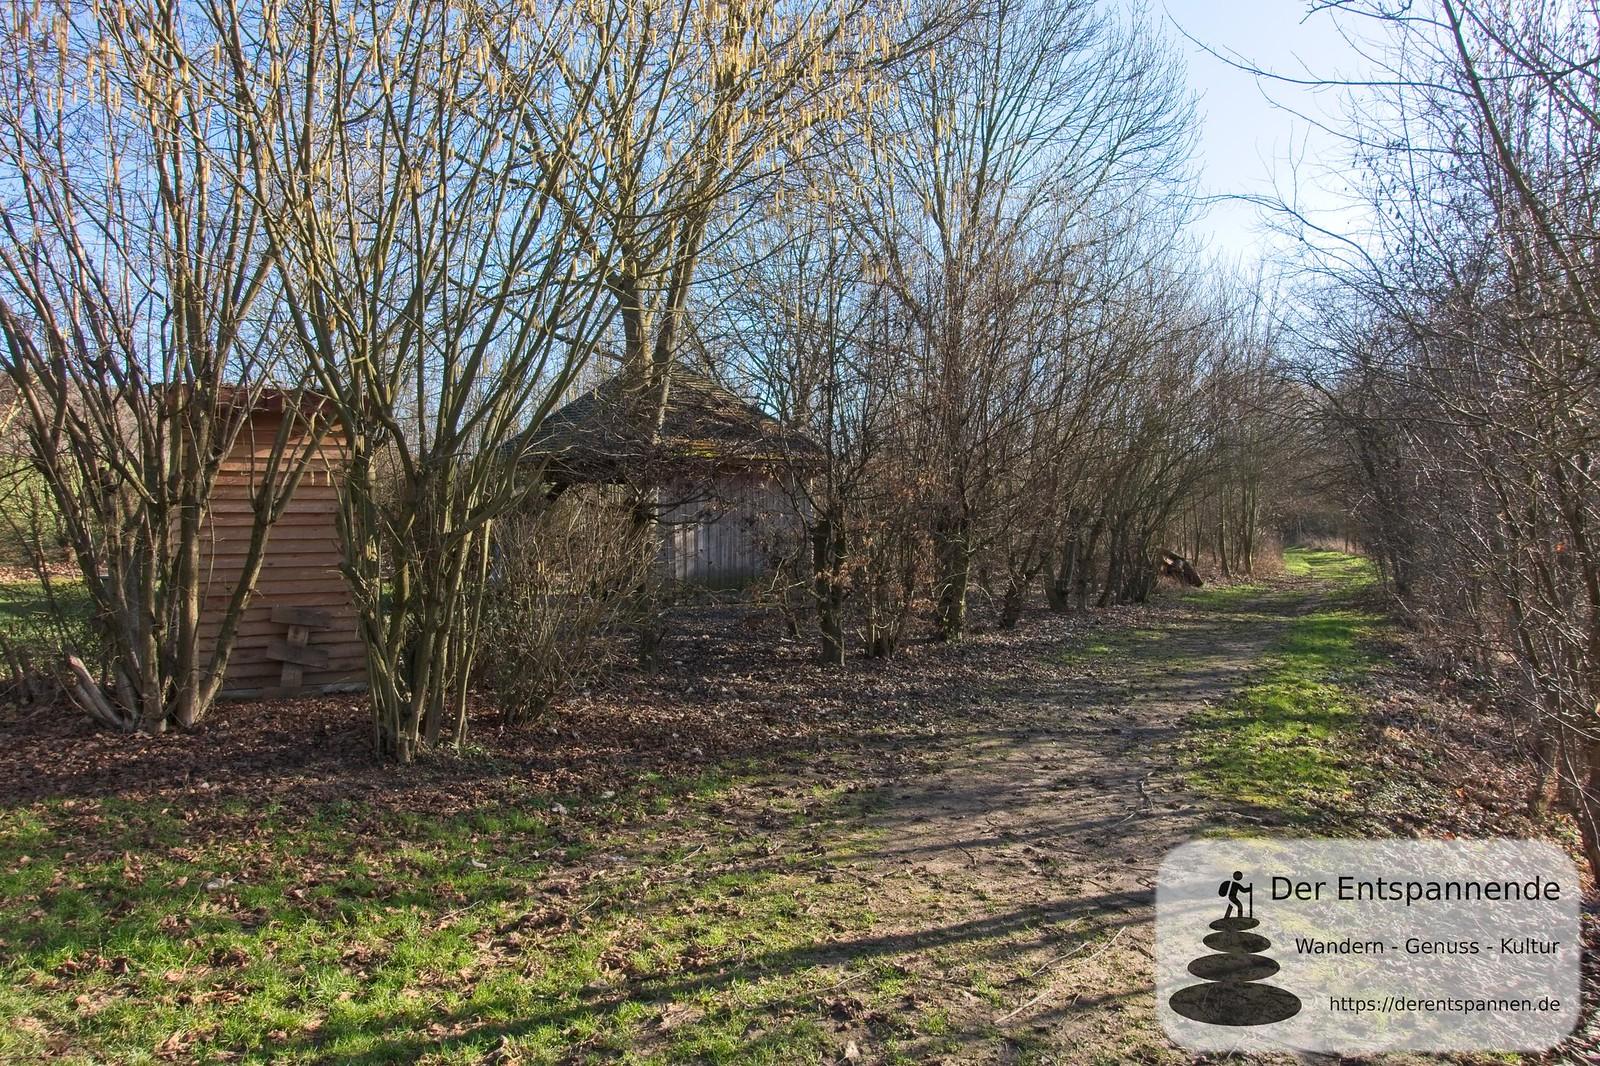 Grillhütte bei Appenheim